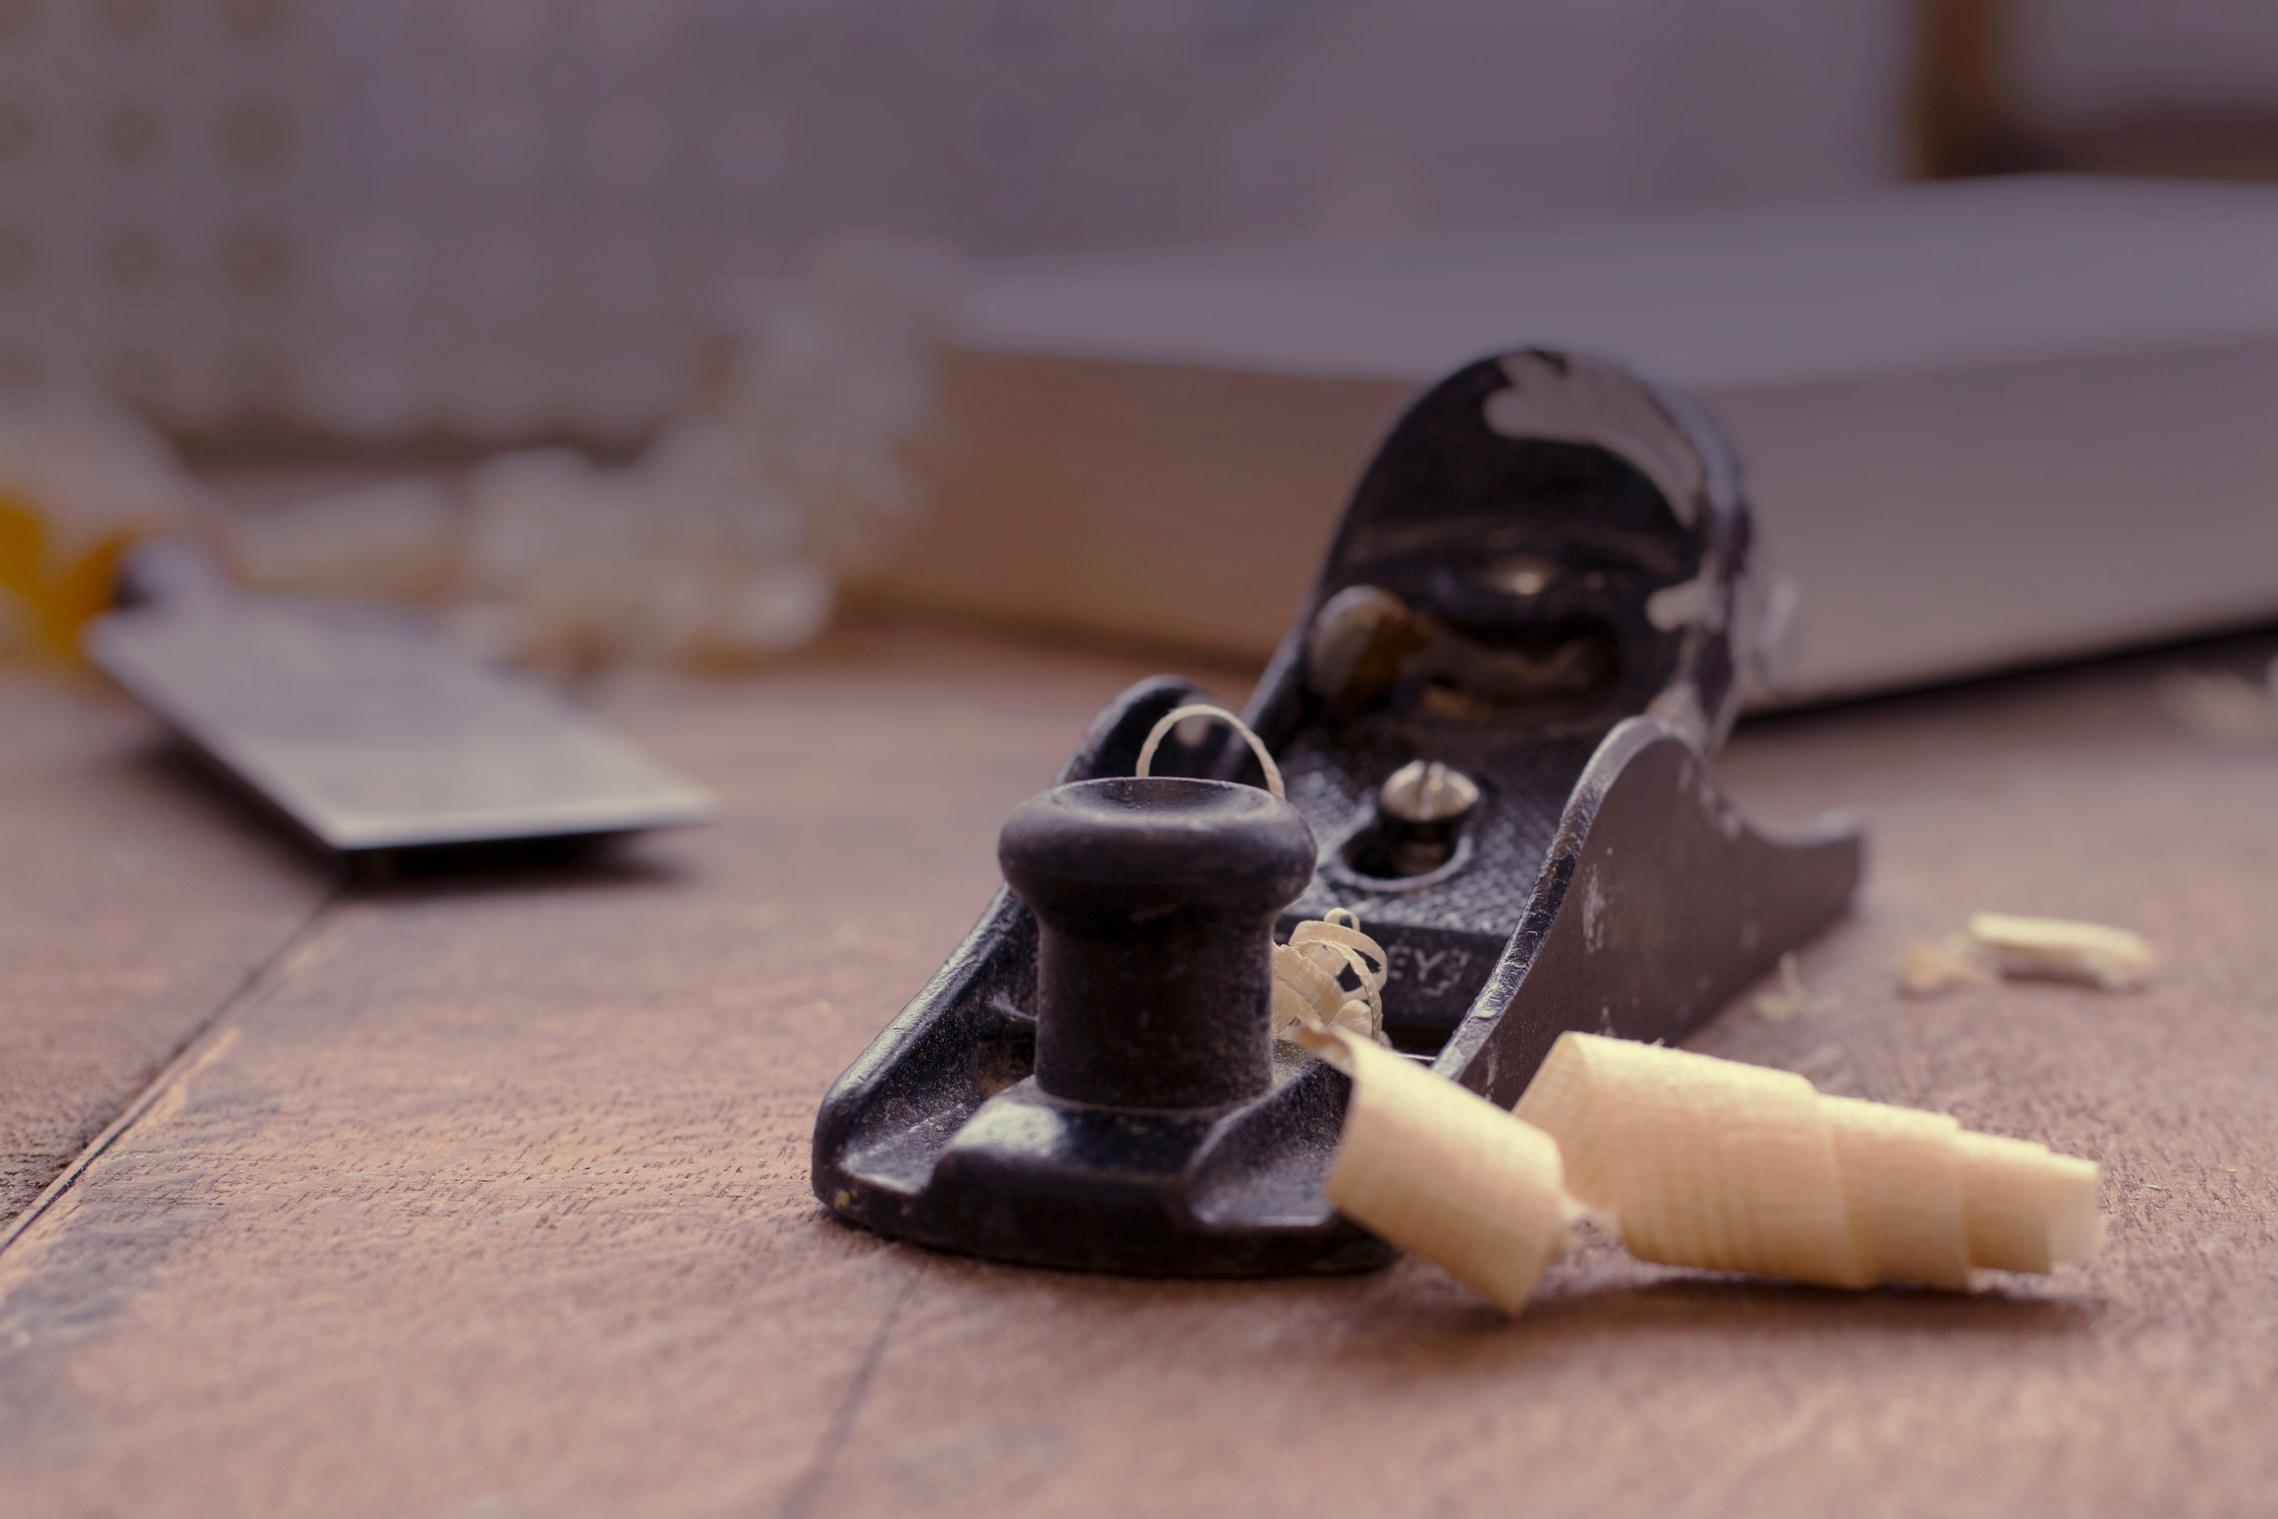 Furniture Repair - Get your furniture fix.From cracks to broken legs, we can repair, revive, and repurpose your favorite furniture.